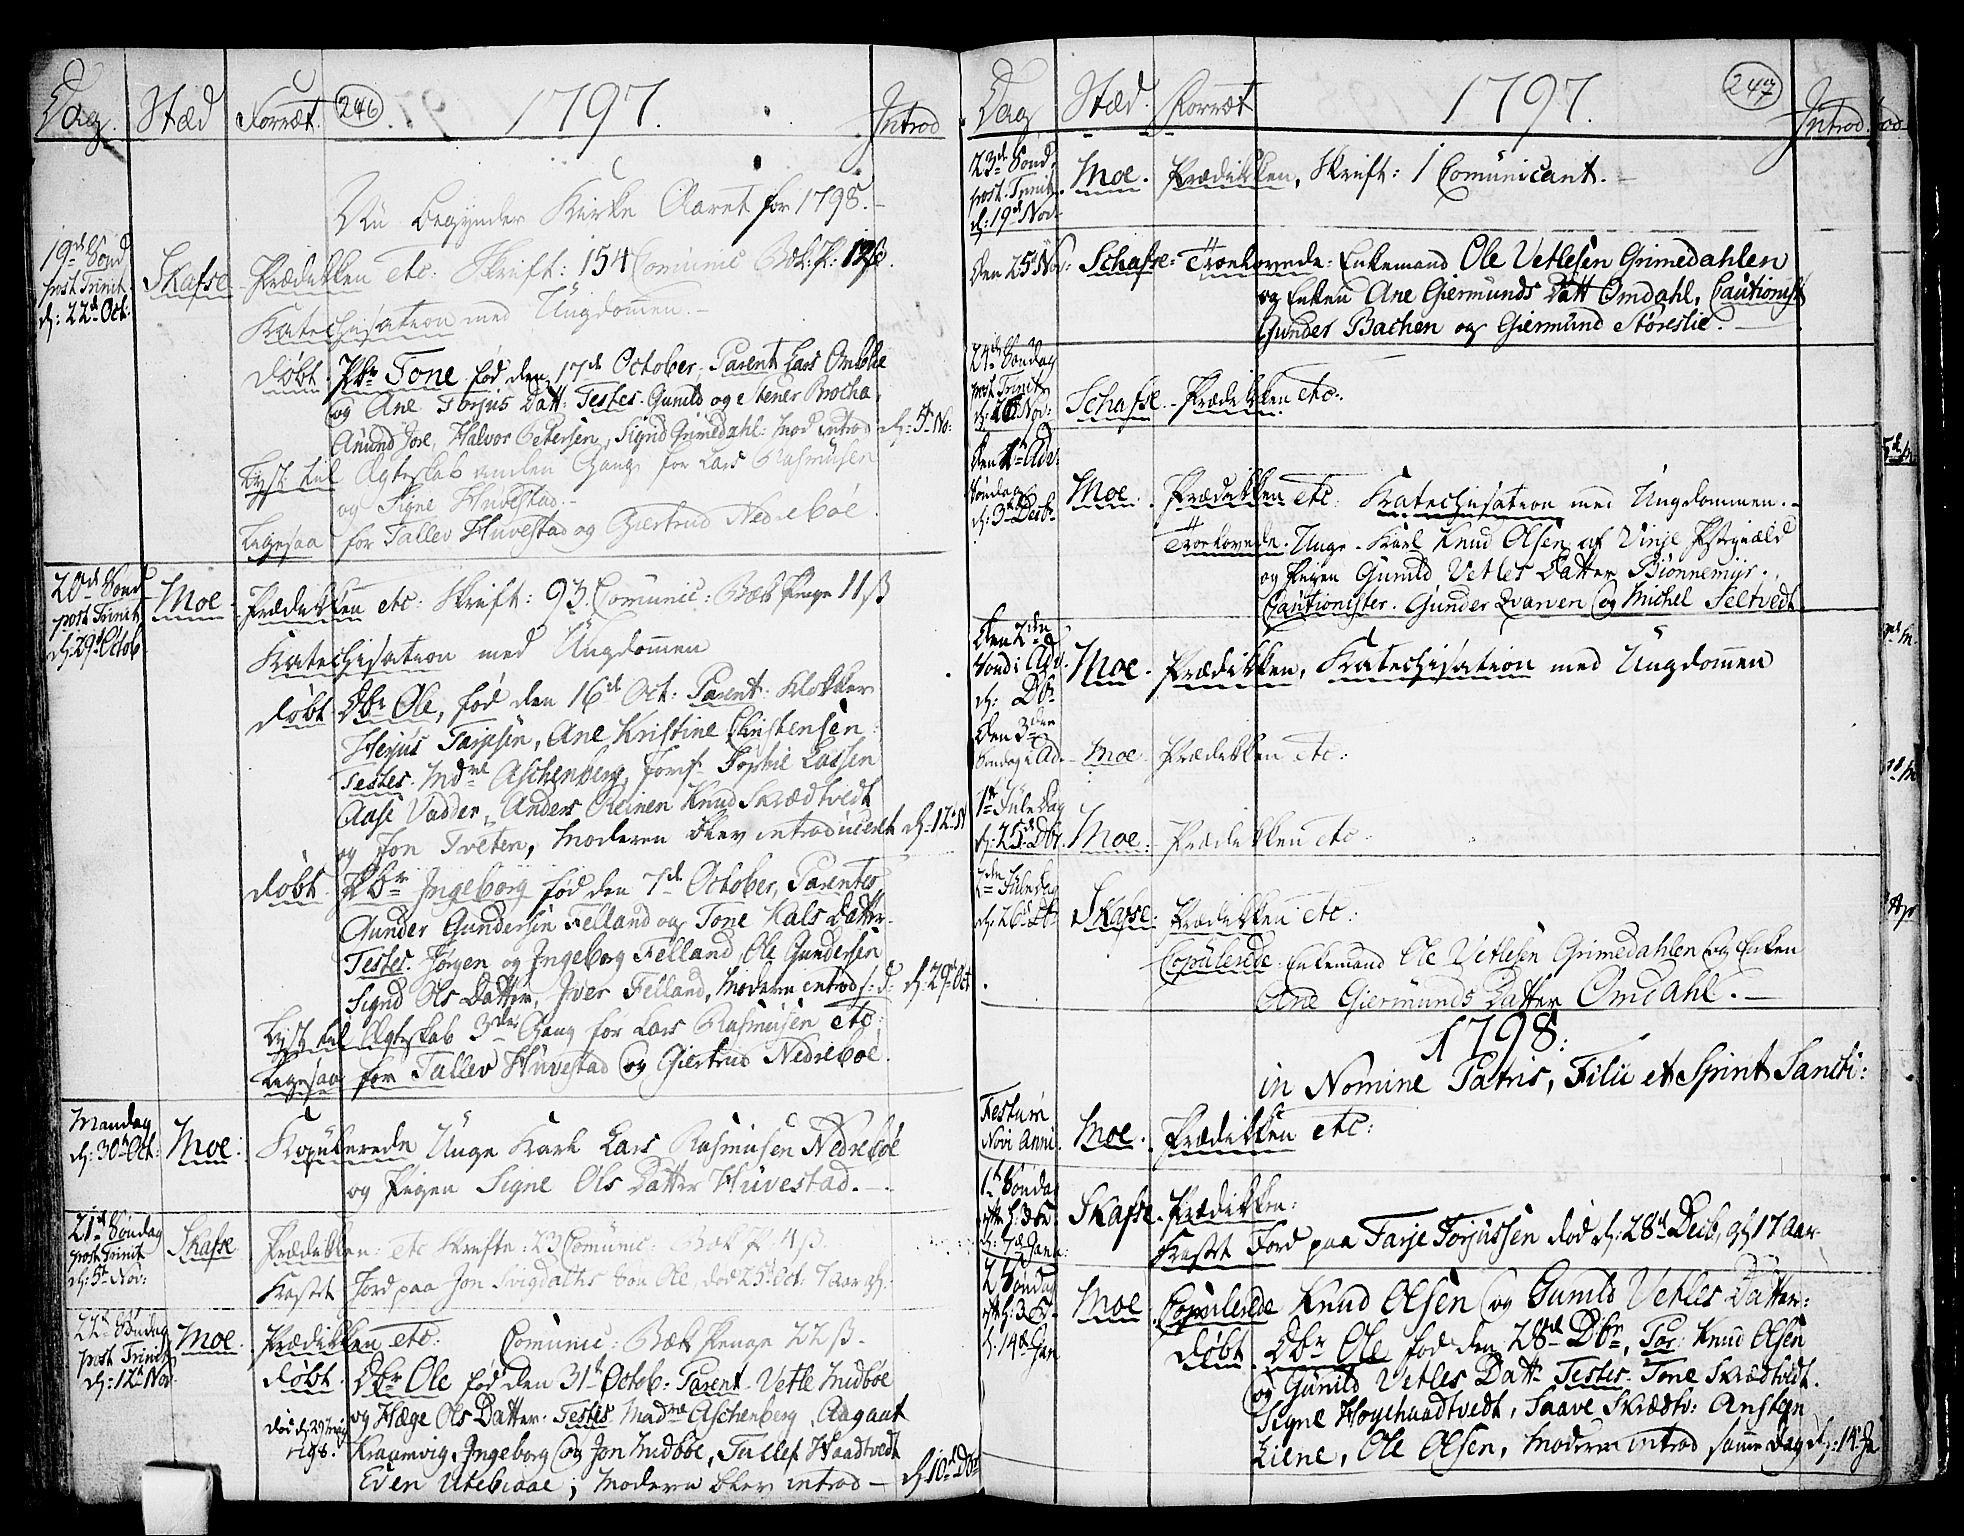 SAKO, Mo kirkebøker, F/Fa/L0002: Ministerialbok nr. I 2, 1766-1799, s. 246-247